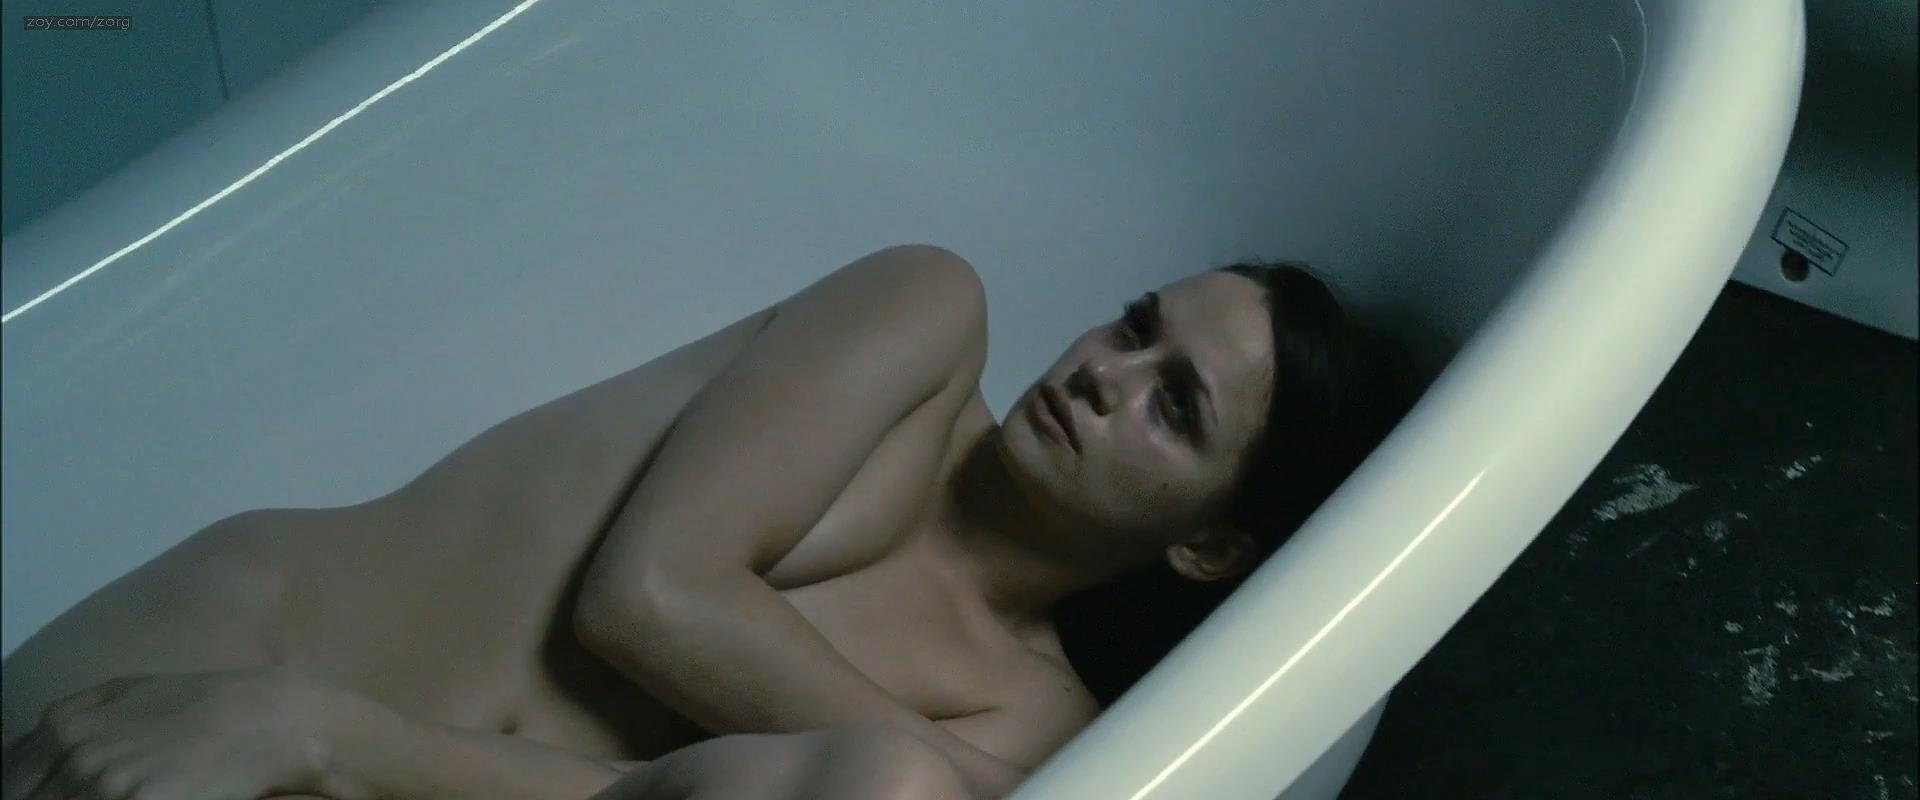 shantel vansanten nude